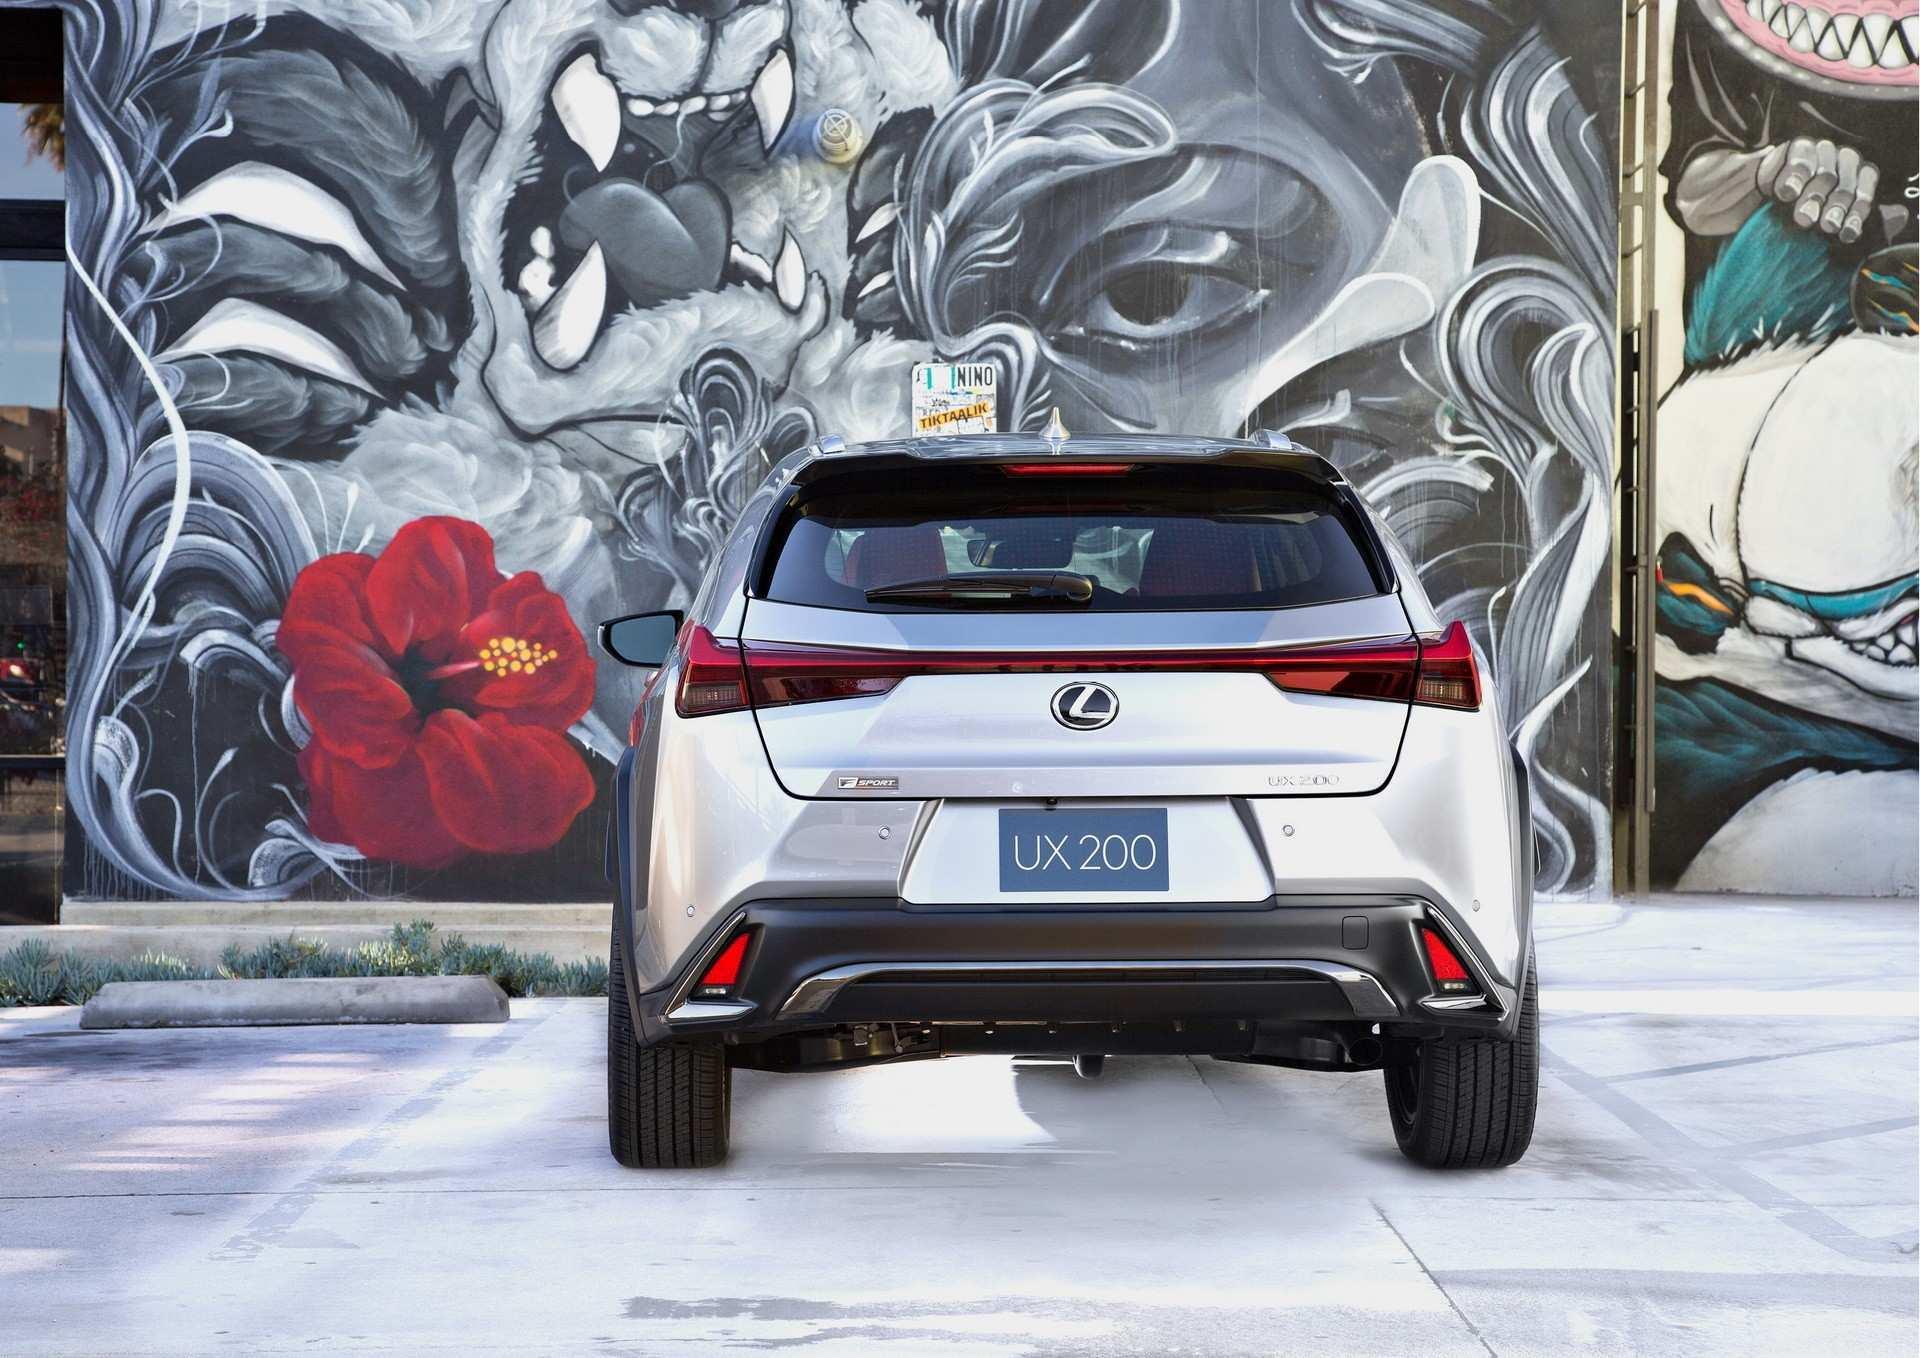 79 Concept of Lexus Hatchback 2020 Specs for Lexus Hatchback 2020